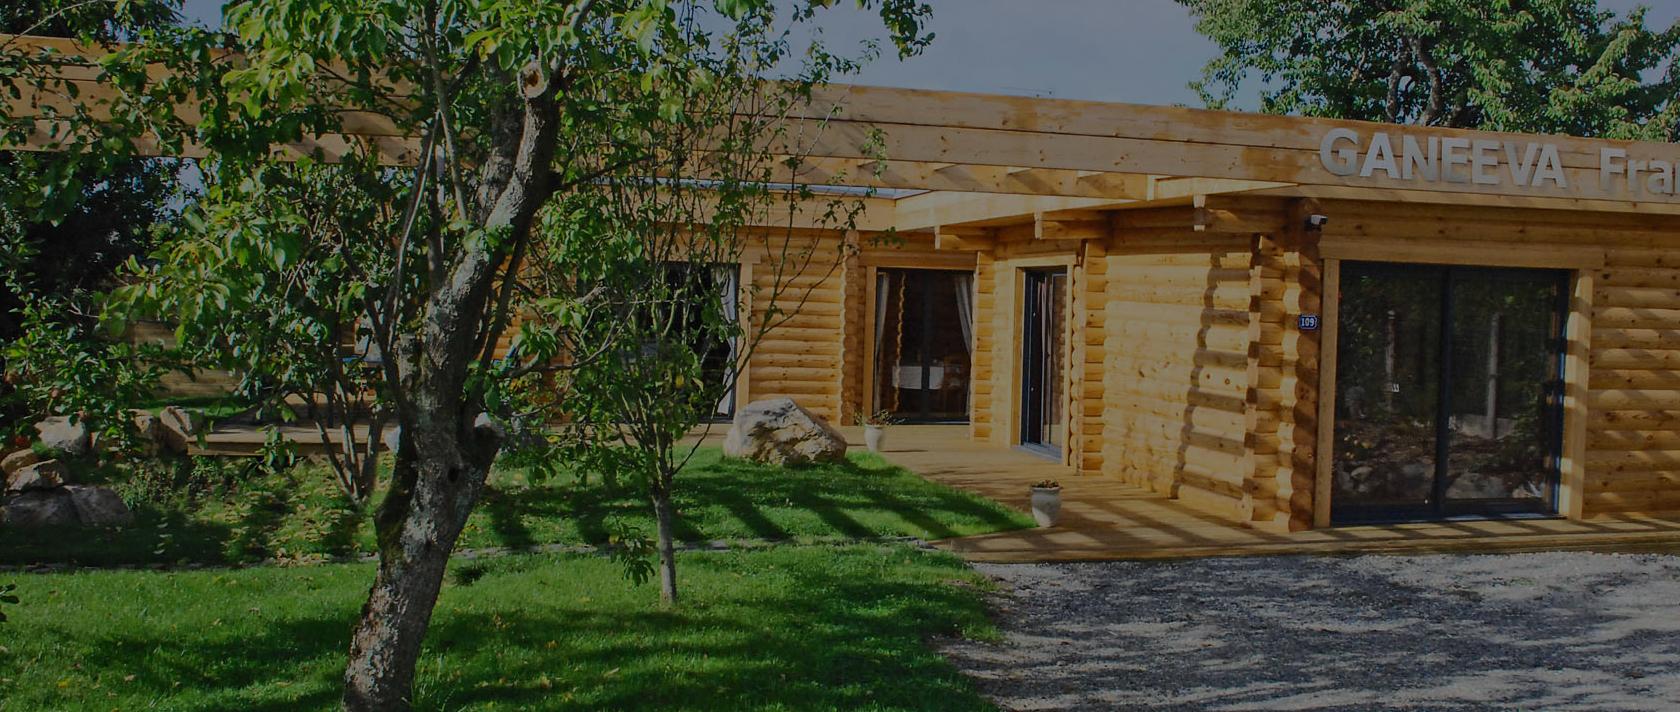 maisons bois construction bois maison bois massif rondins laval mayenne ch teau gontier evron. Black Bedroom Furniture Sets. Home Design Ideas